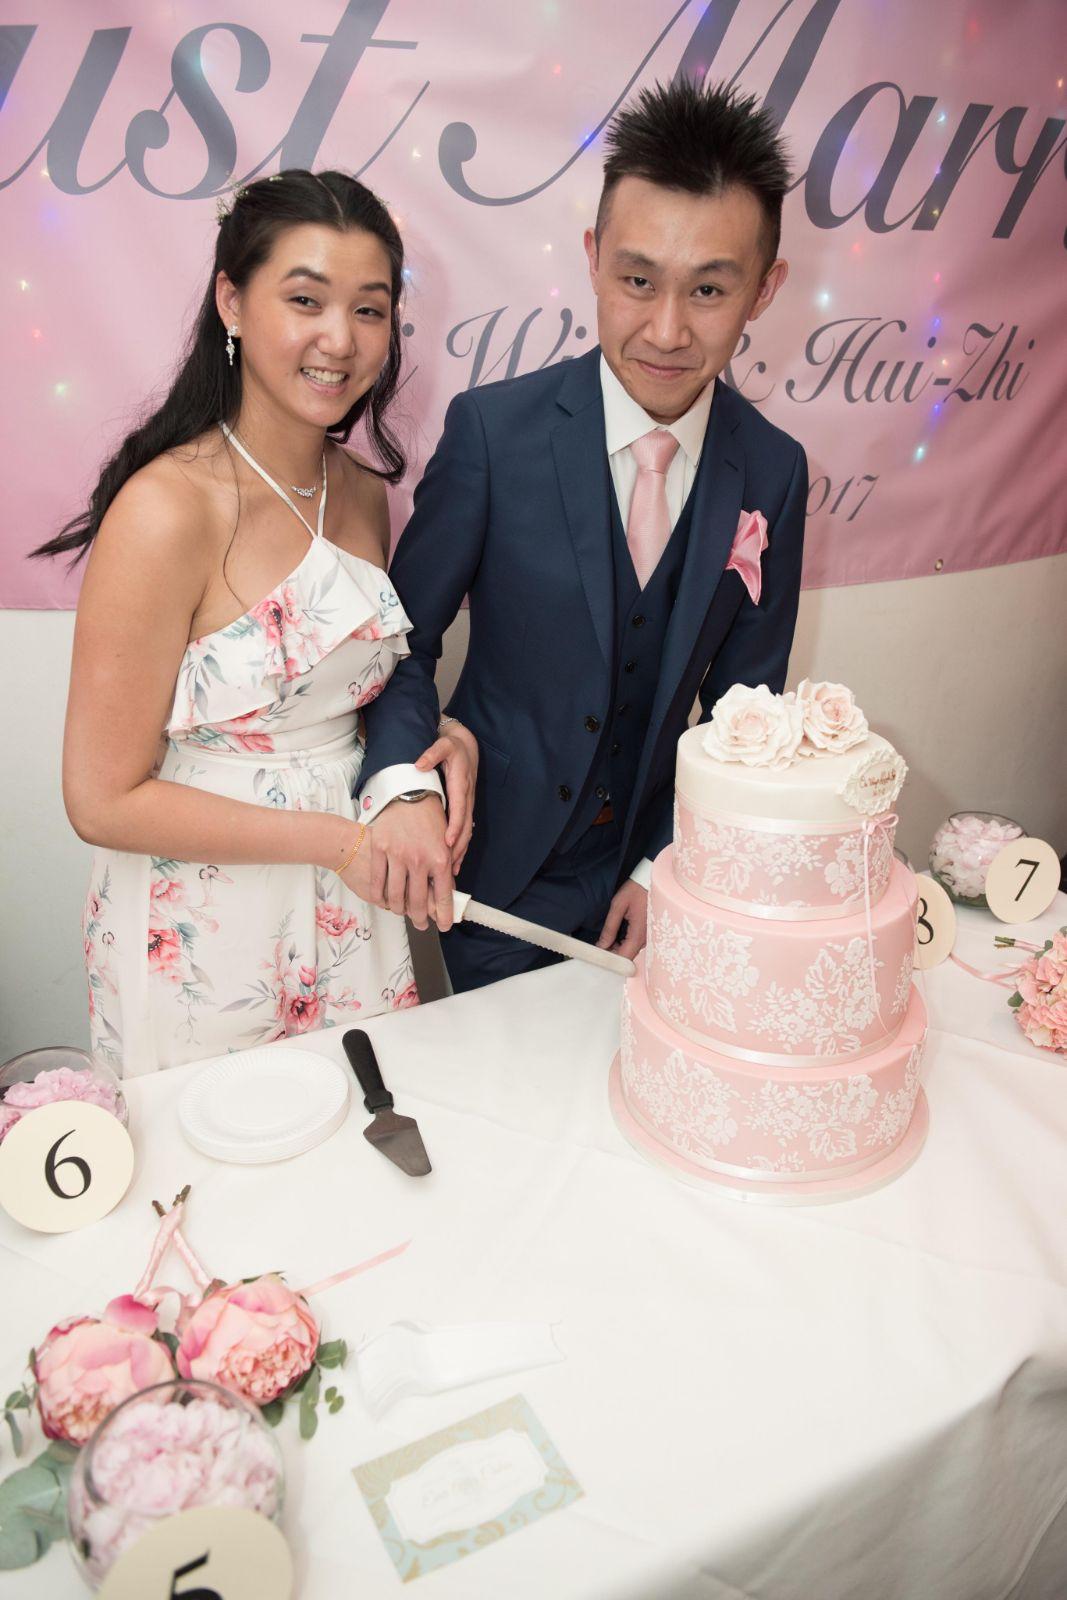 Weeta cutting Pink Cake.jpg